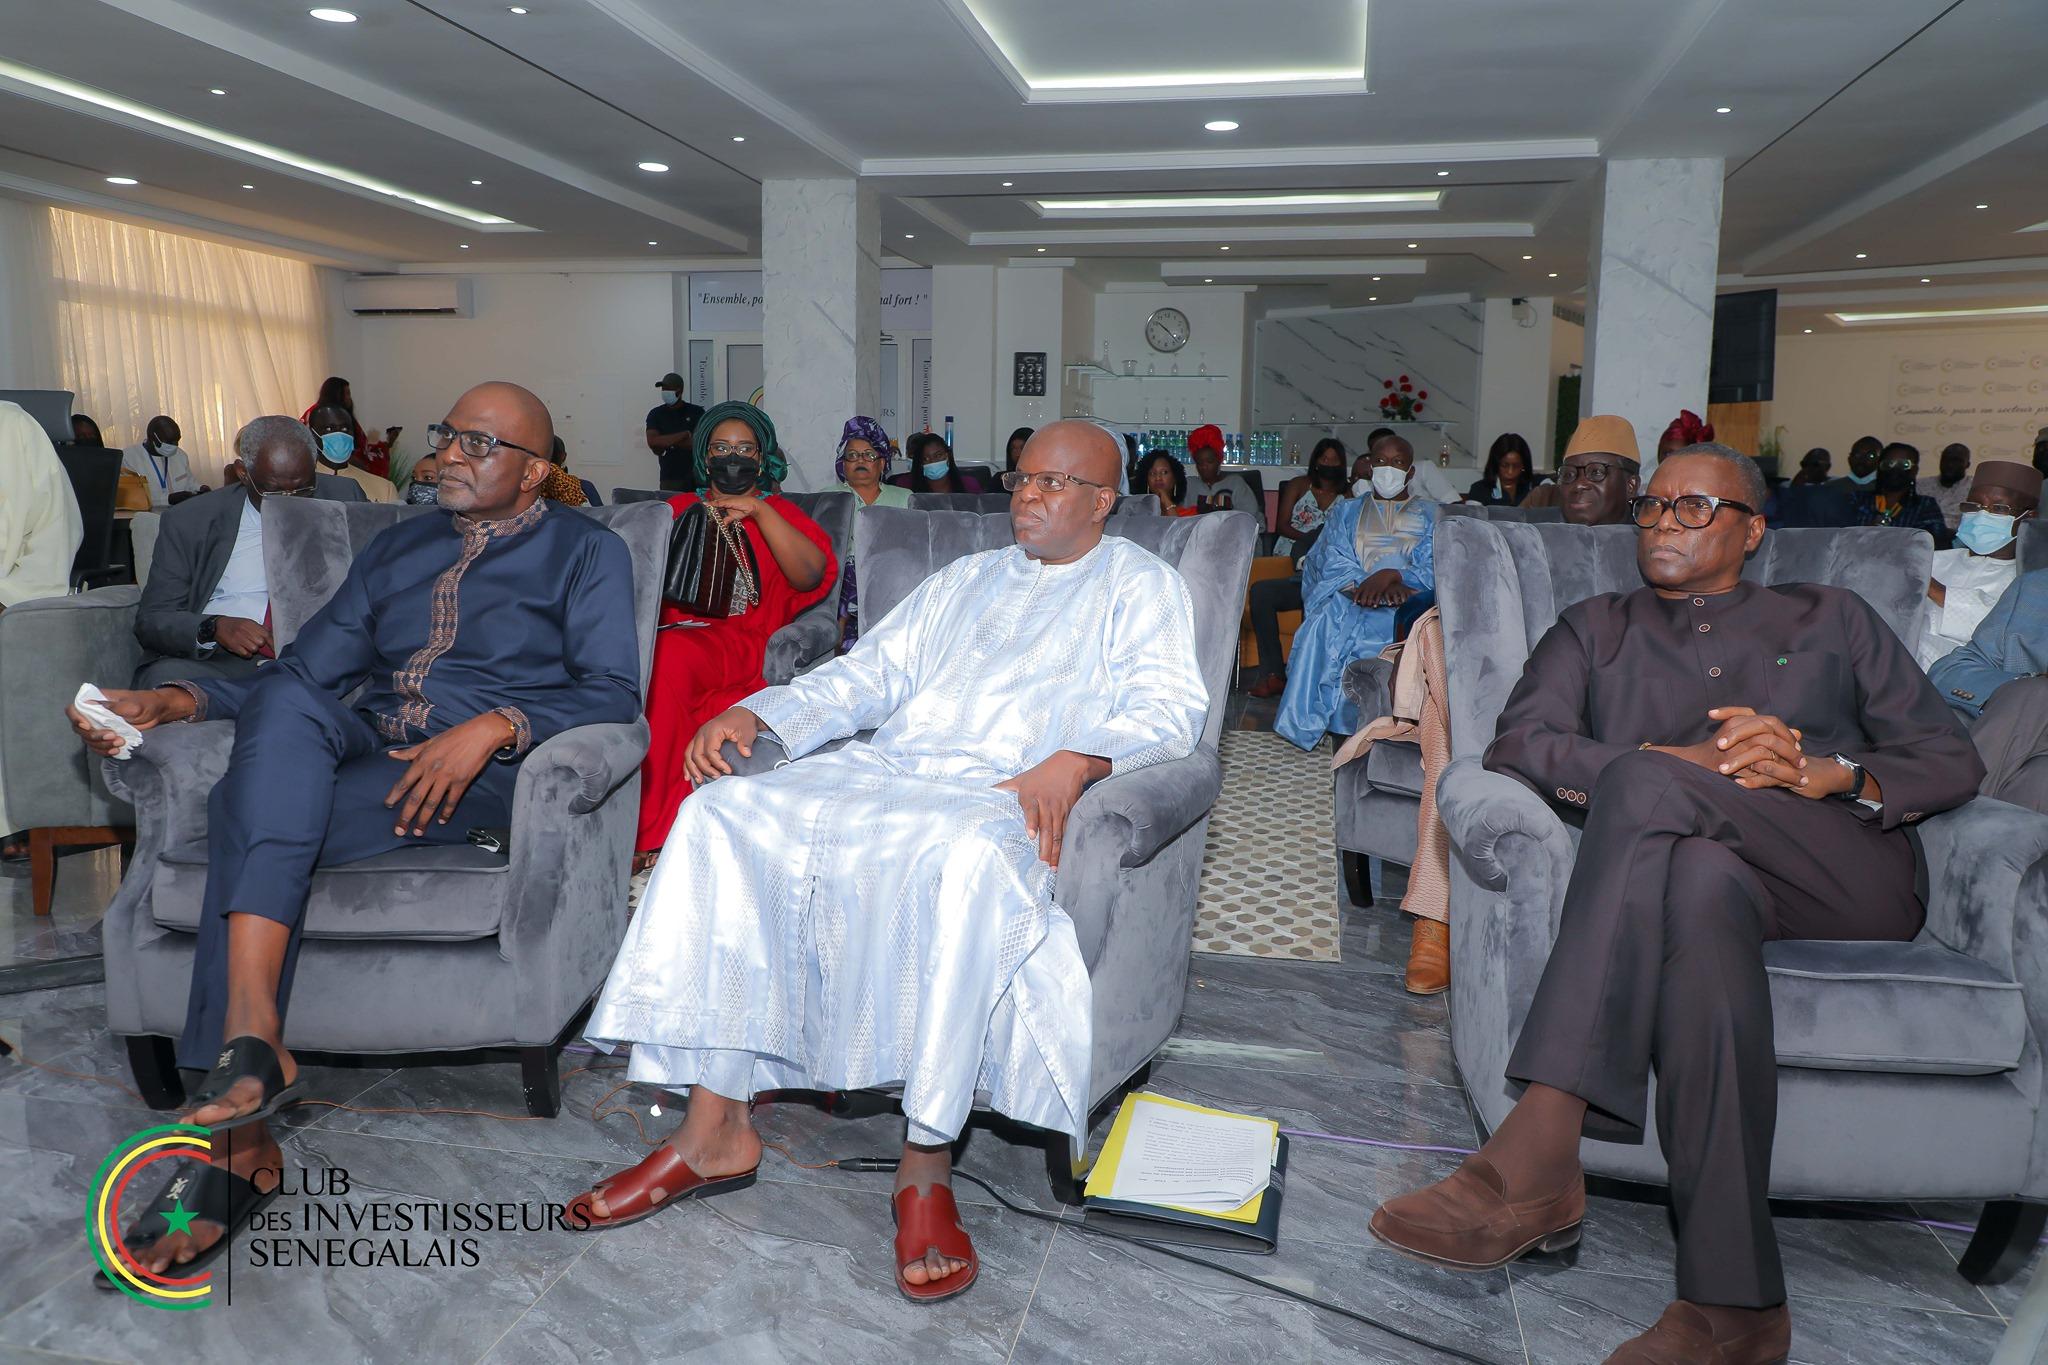 CIS  Promouvoir le Made in Sénégal à travers l'artisanat10/06/2021